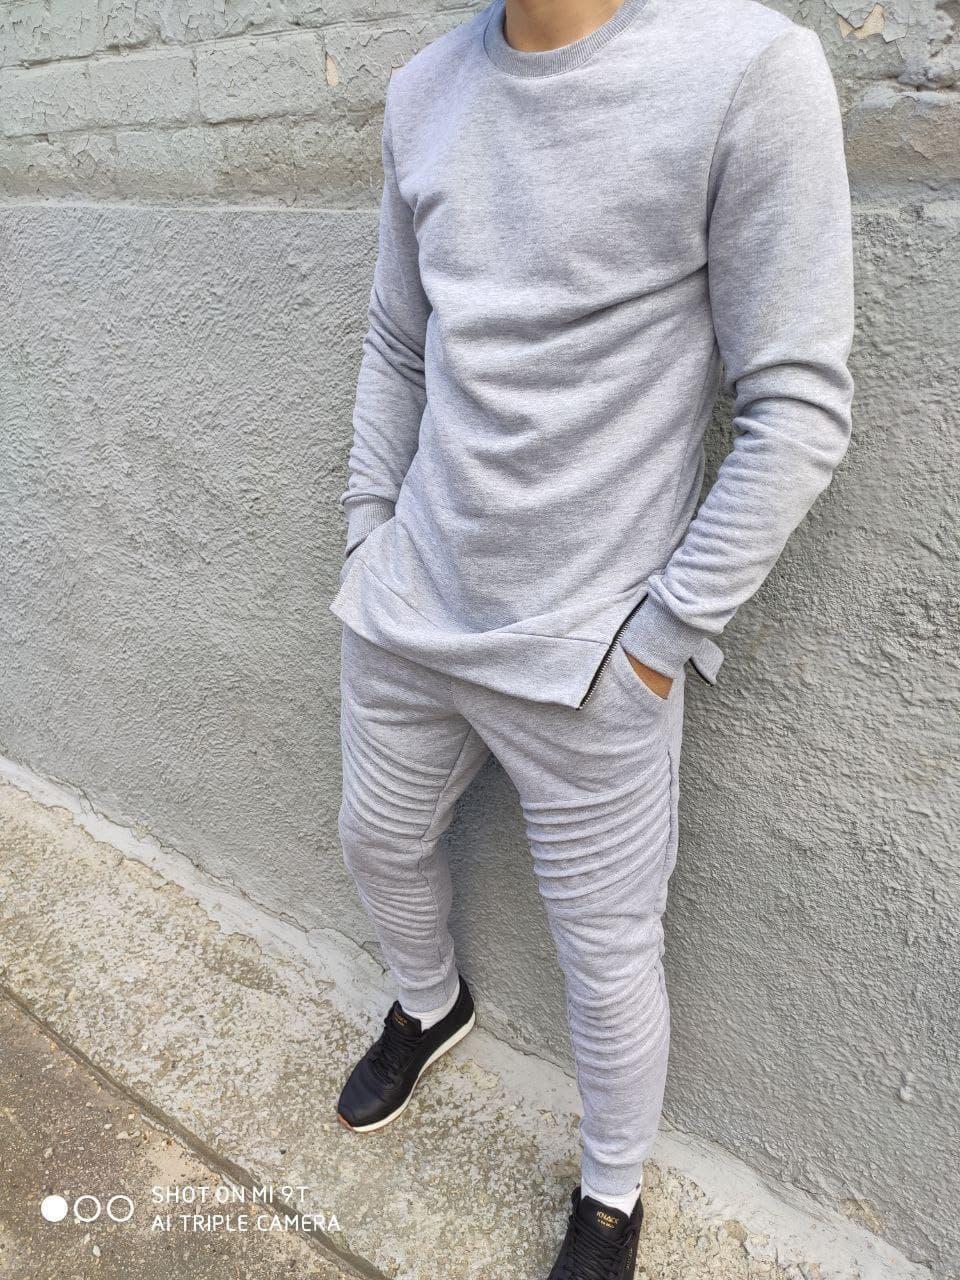 Спортивний костюм Чоловічий спортивний костюм сірий/ чоловічий спортивний костюм сірий класичний